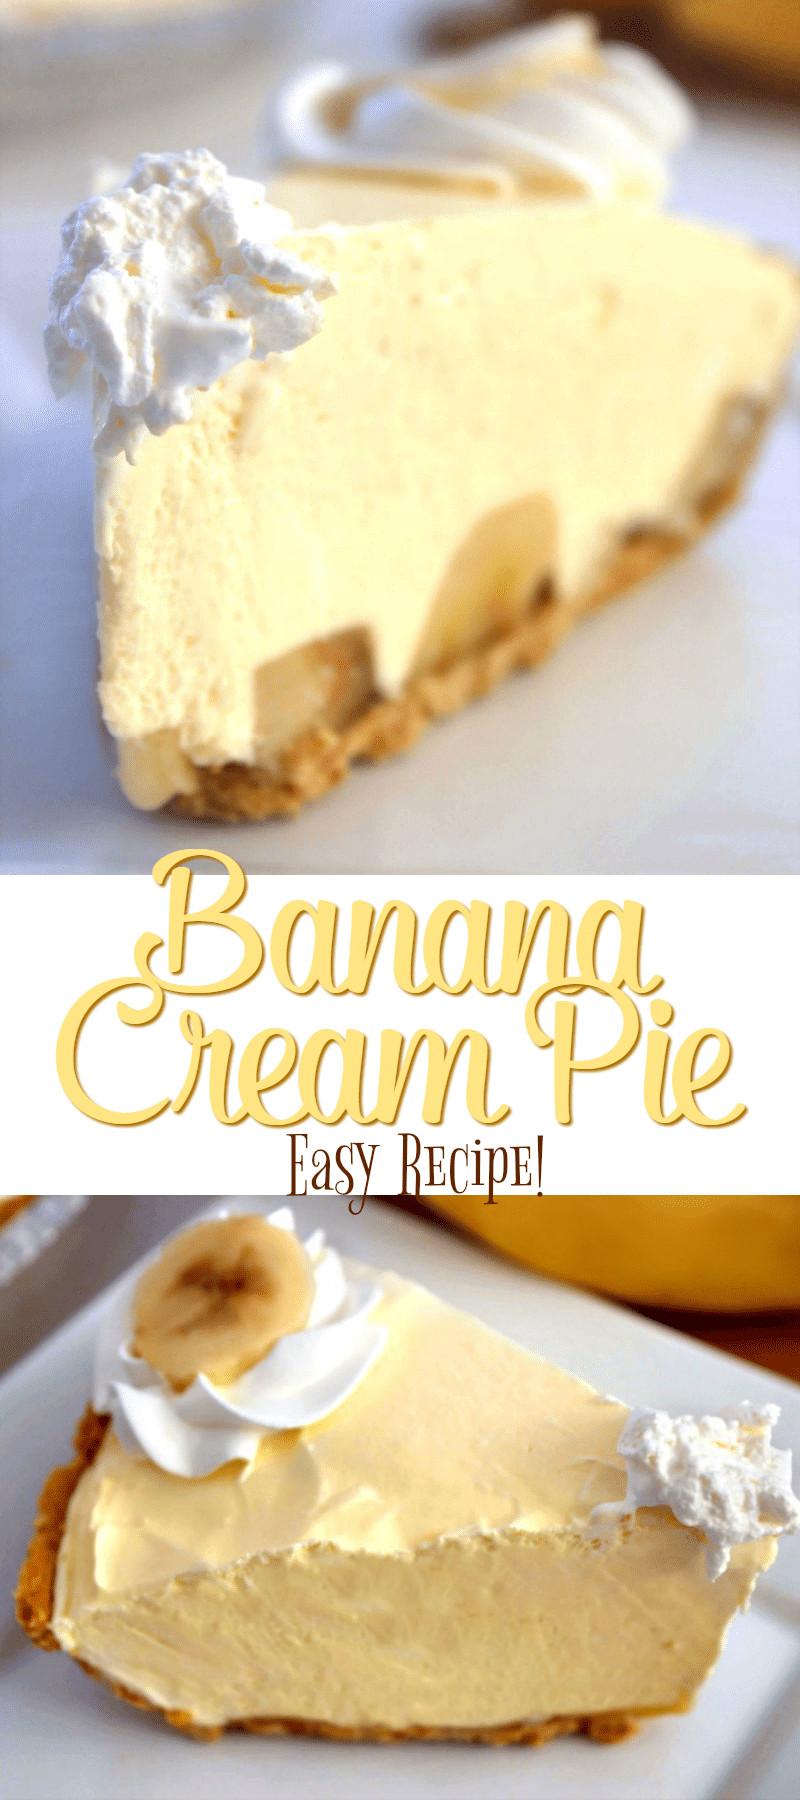 Easy Banana Cream Pie Recipe  Easy Banana Cream Pie Recipe A Helicopter Mom